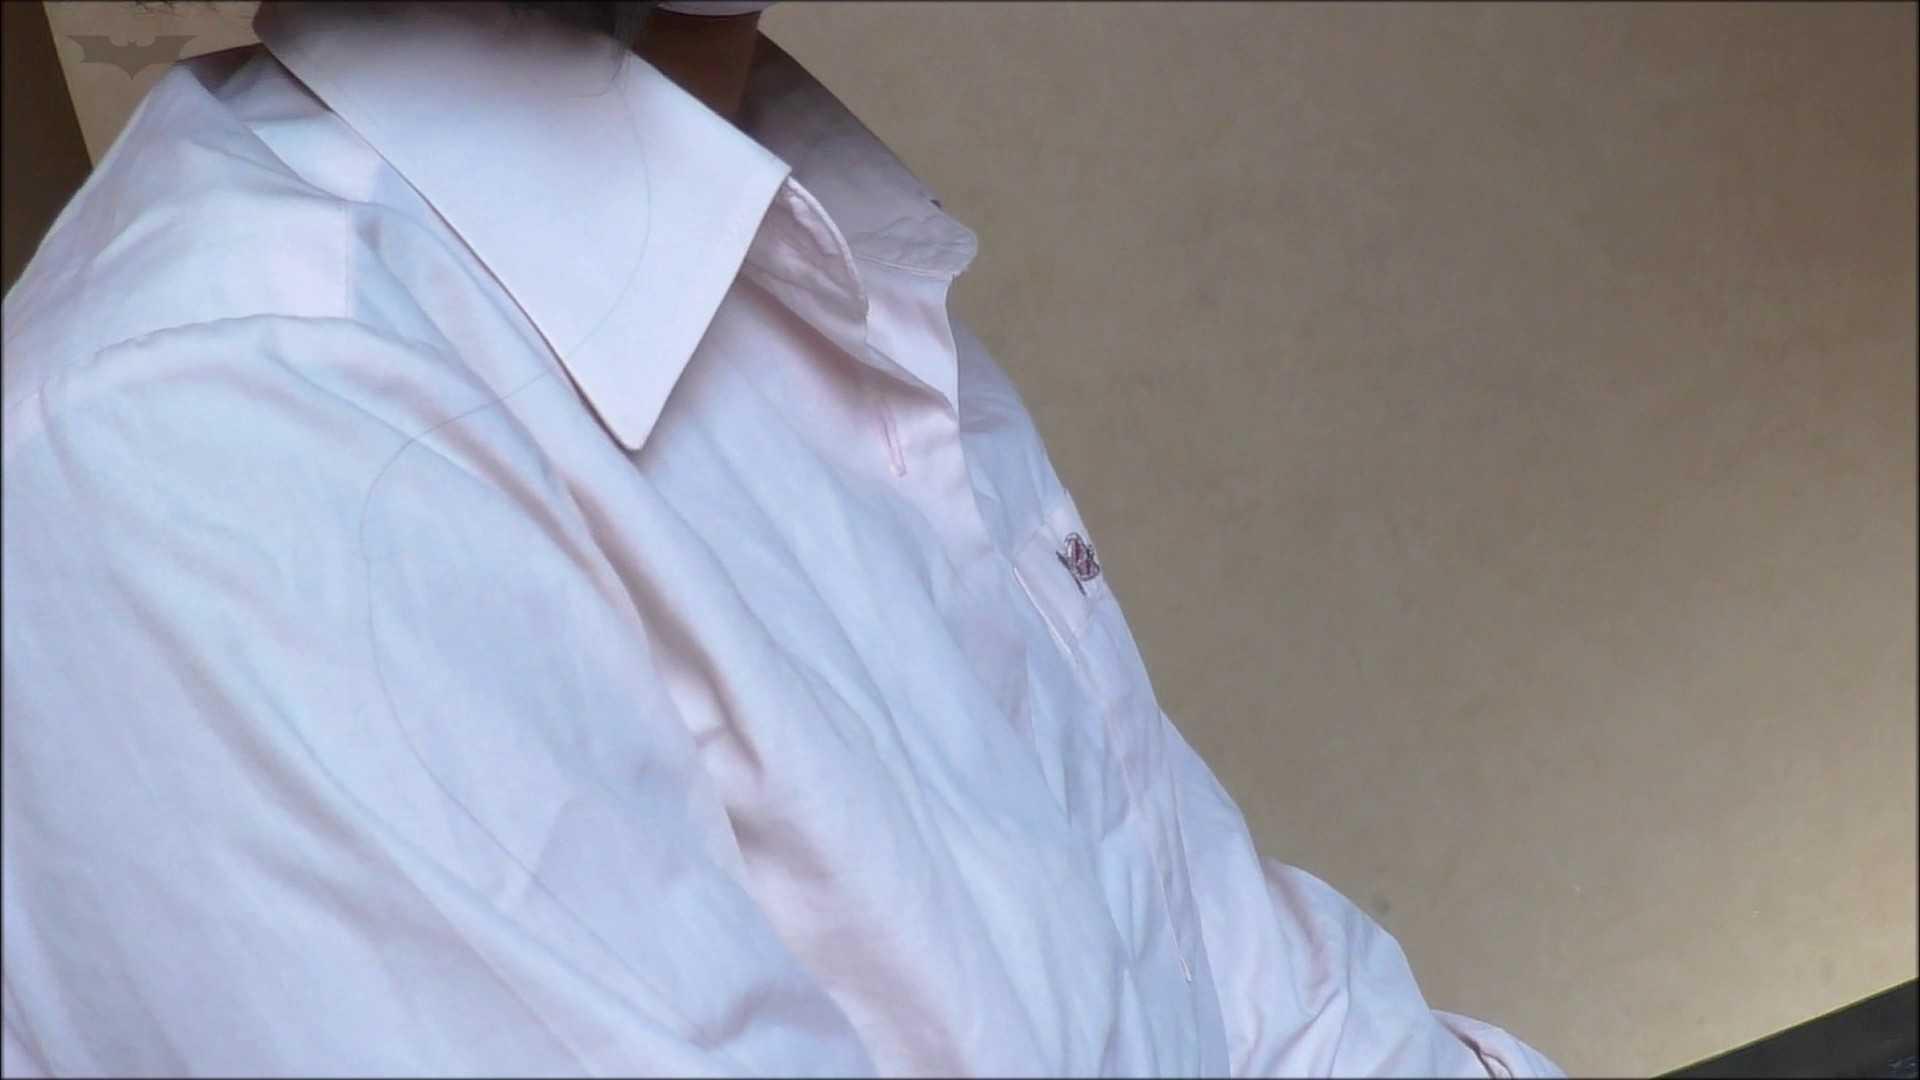 パンツを売る女 Vol.05 なんだかんだホテルに連れ込みバイブで。。。 丸見えマンコ | 巨乳  42画像 2